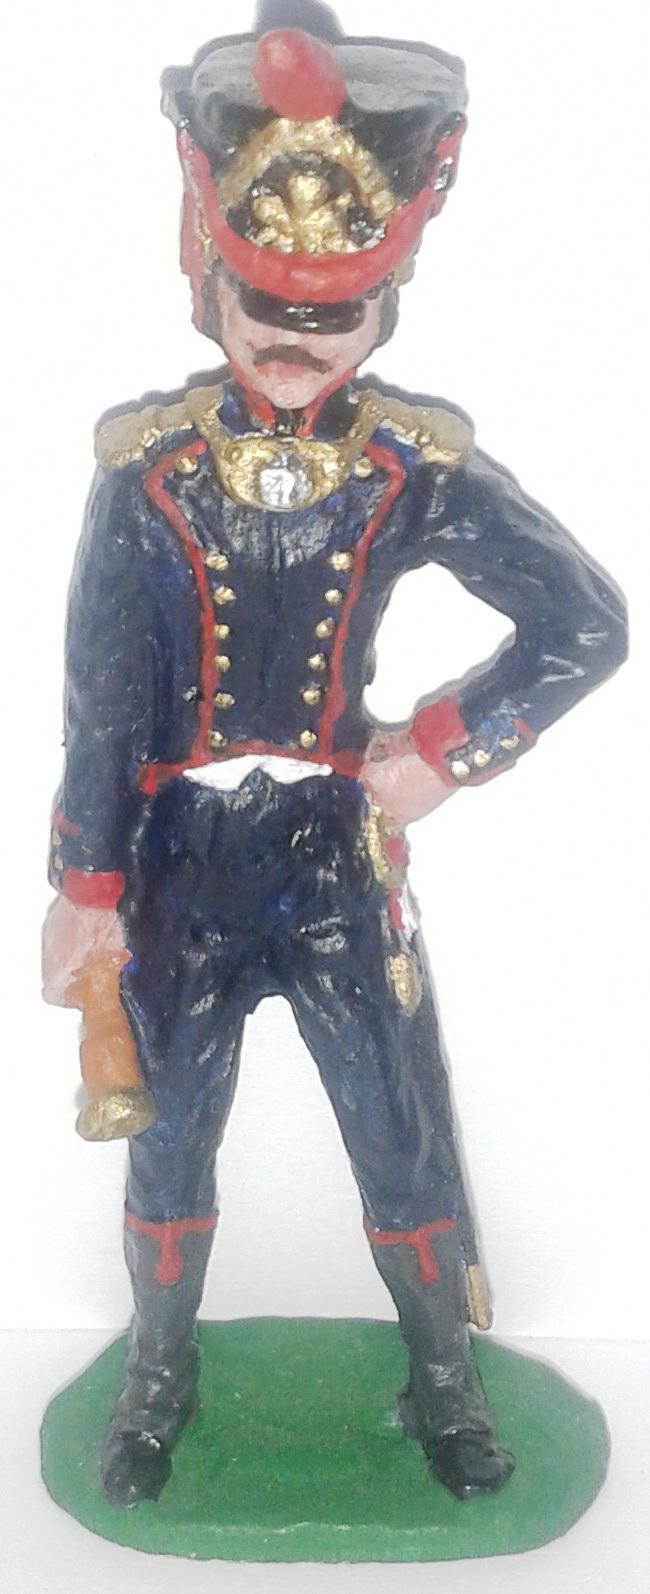 """Історична мініатюра. """"Офіцер. Стара Гвардія Наполеона. Перша Французька імперія"""""""